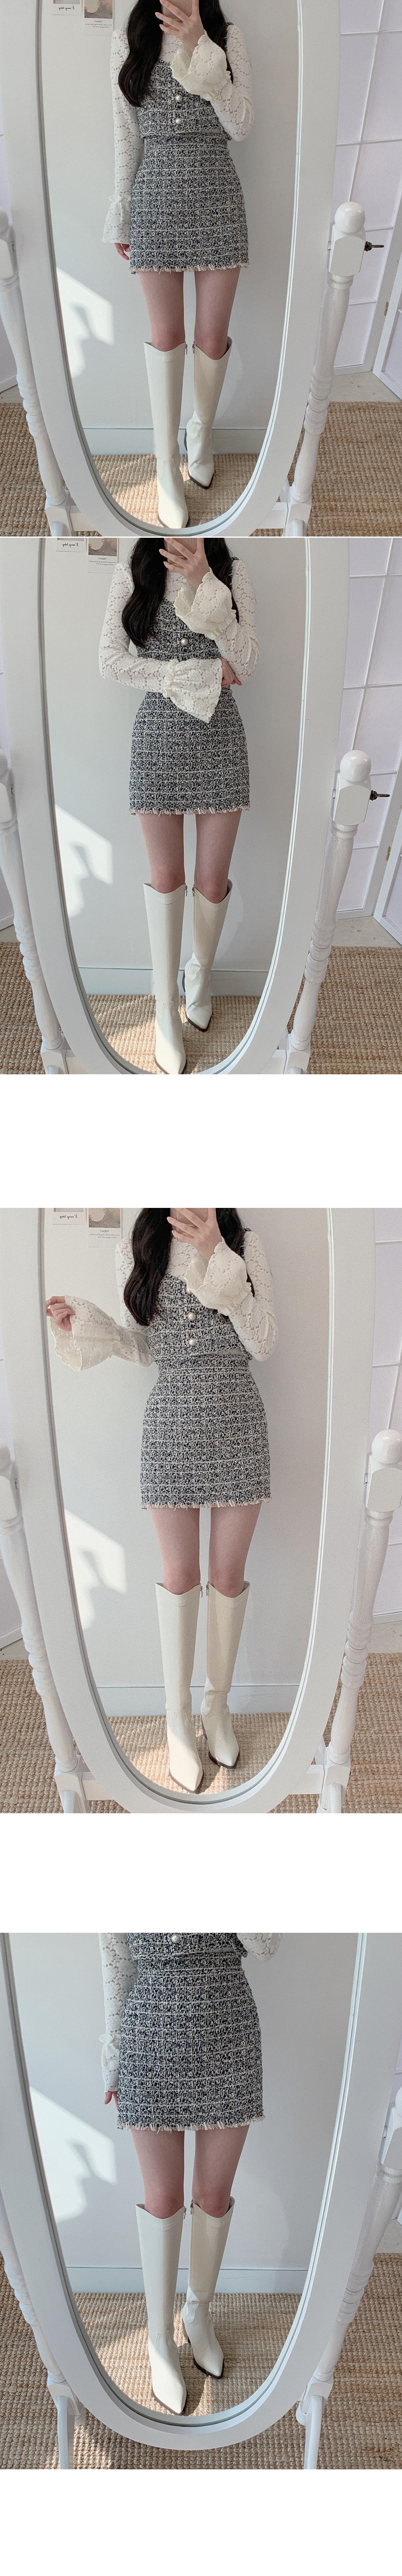 Pom pom tweed mini skirt